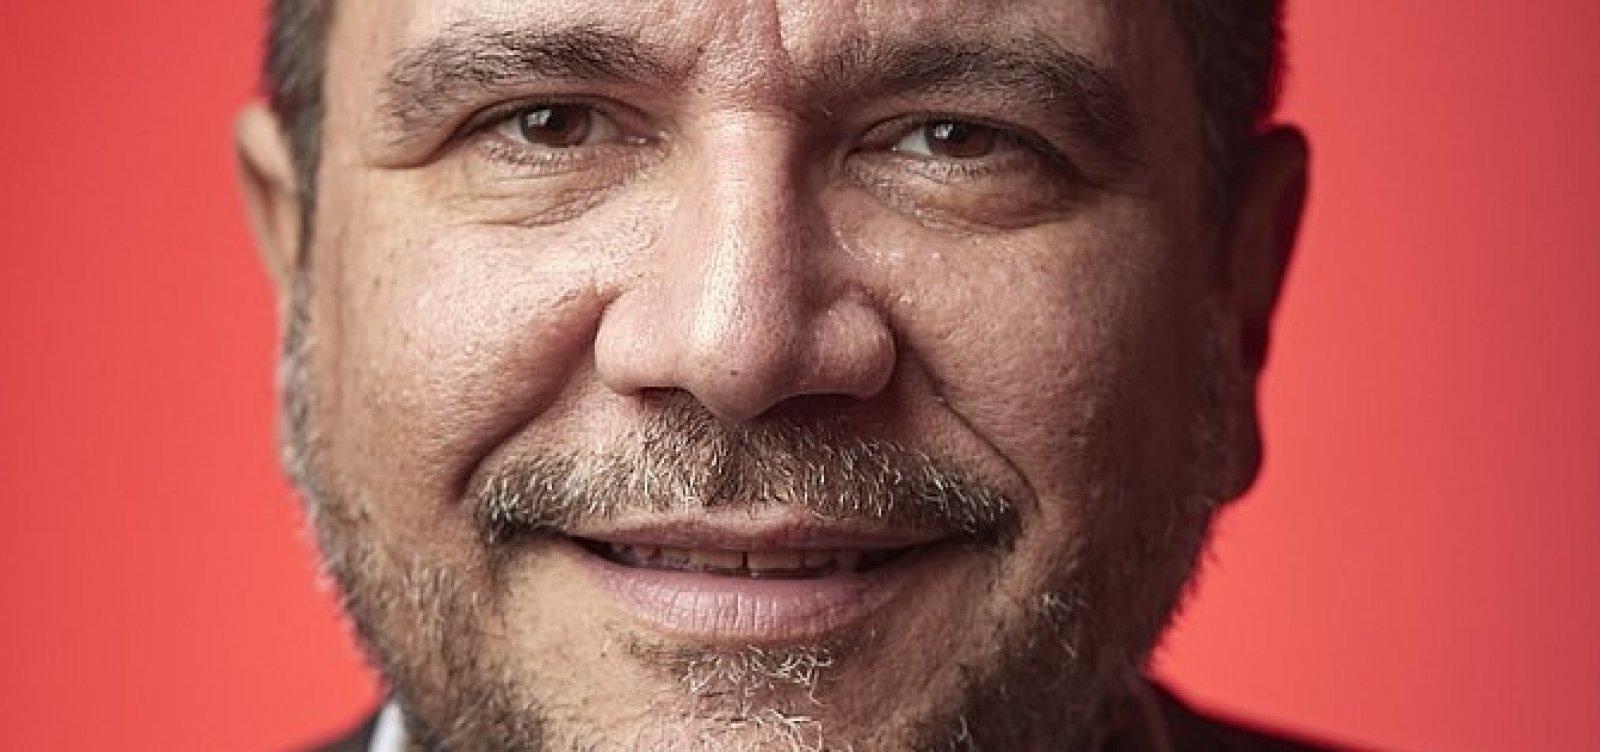 Morre candidato ao Senado do Rio de Janeiro pelo PCO, Fernando Fagundes